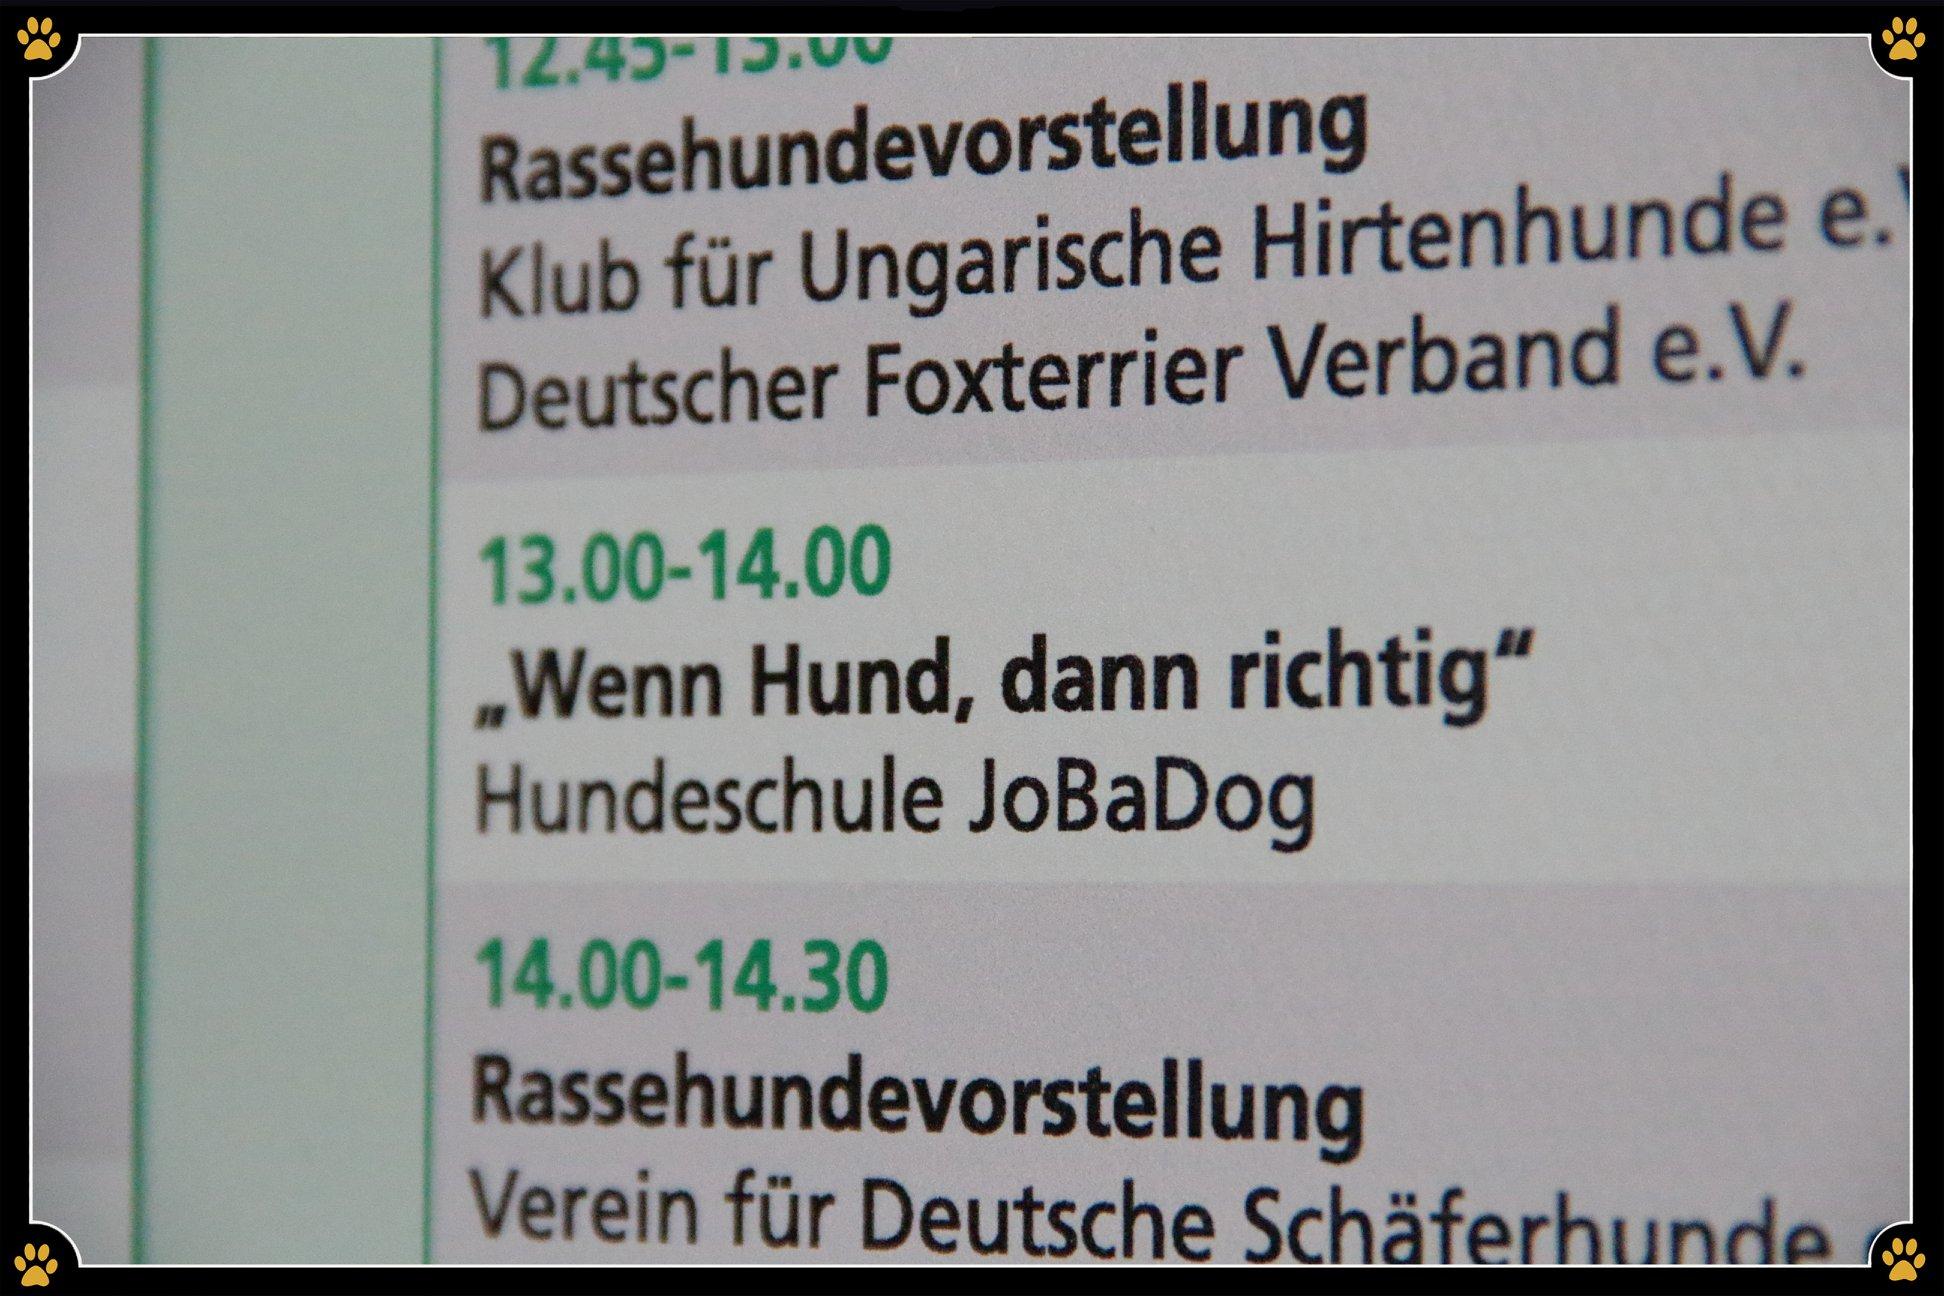 JoBaDog_Gruene_Woche_2019_Programmuebersicht_Sonntag_20.jpg